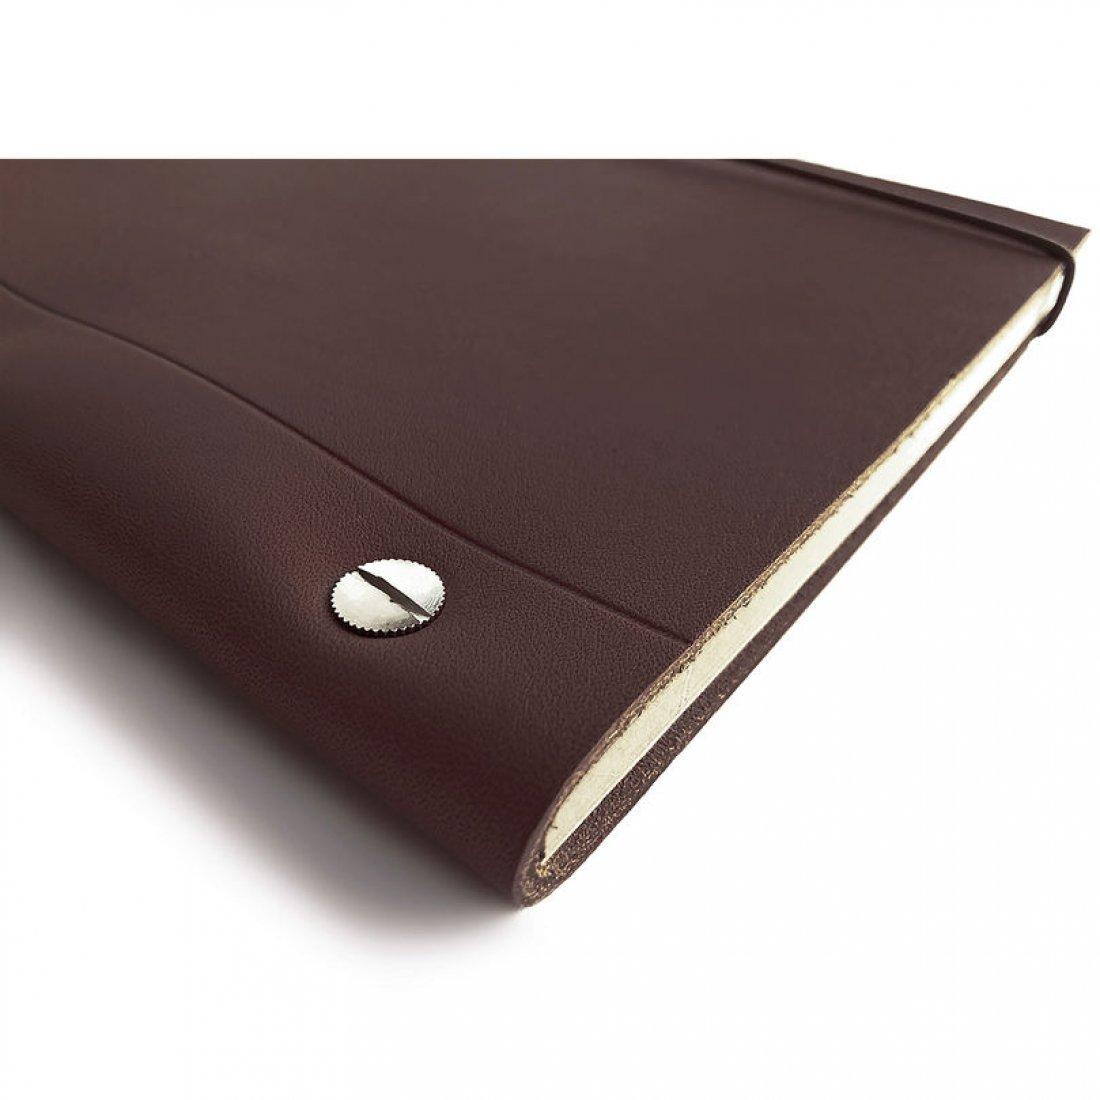 Carnet en cuir A4 - Perù